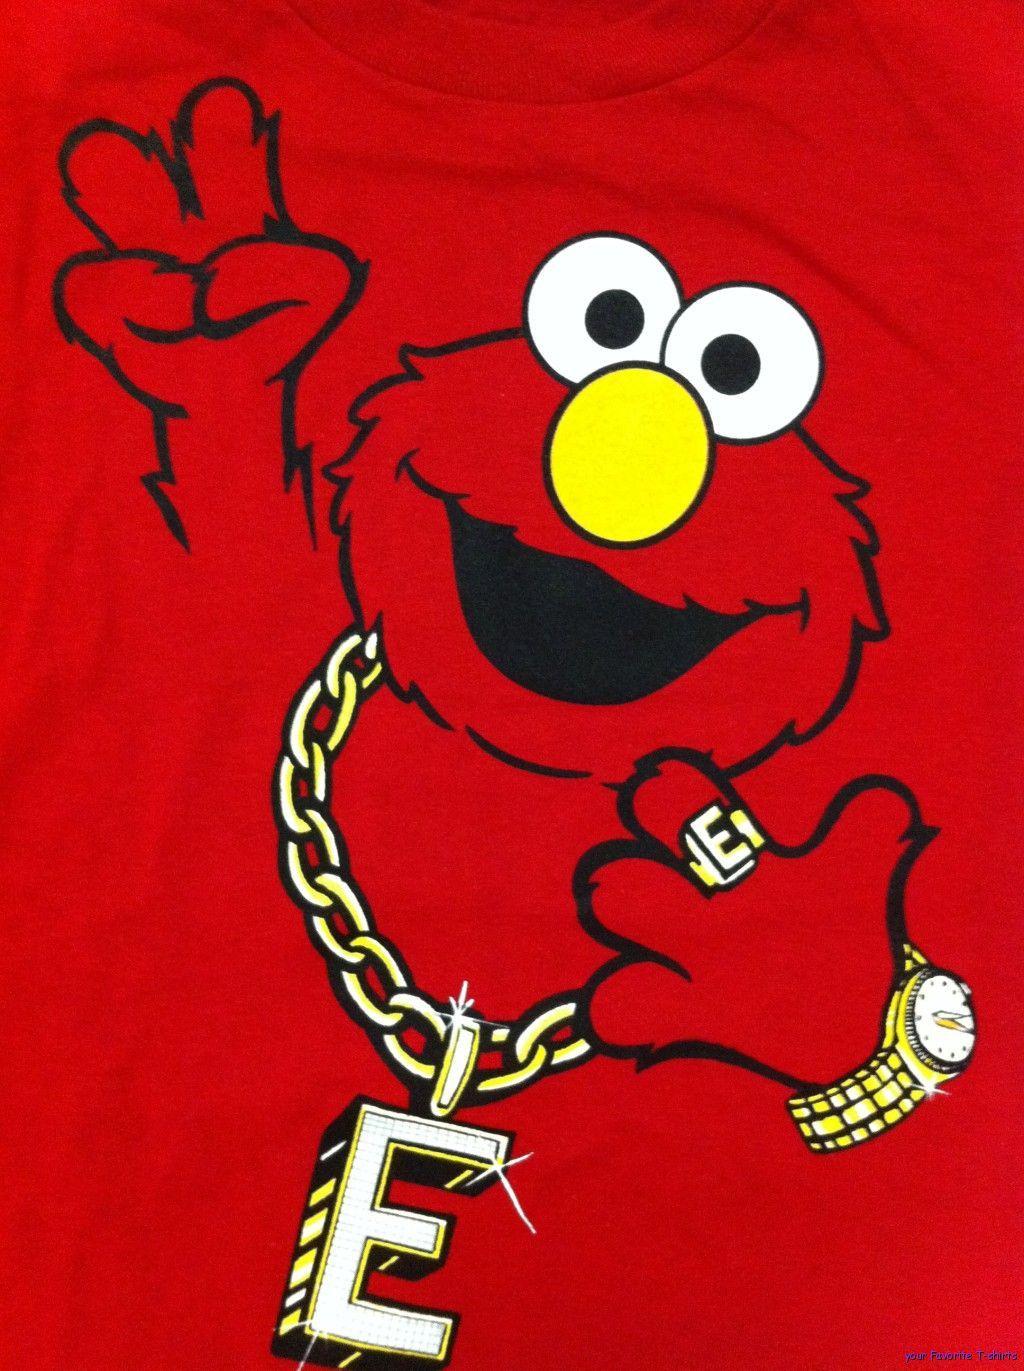 Gangster Elmo Wallpaper wallpaper. Elmo wallpaper, Elmo